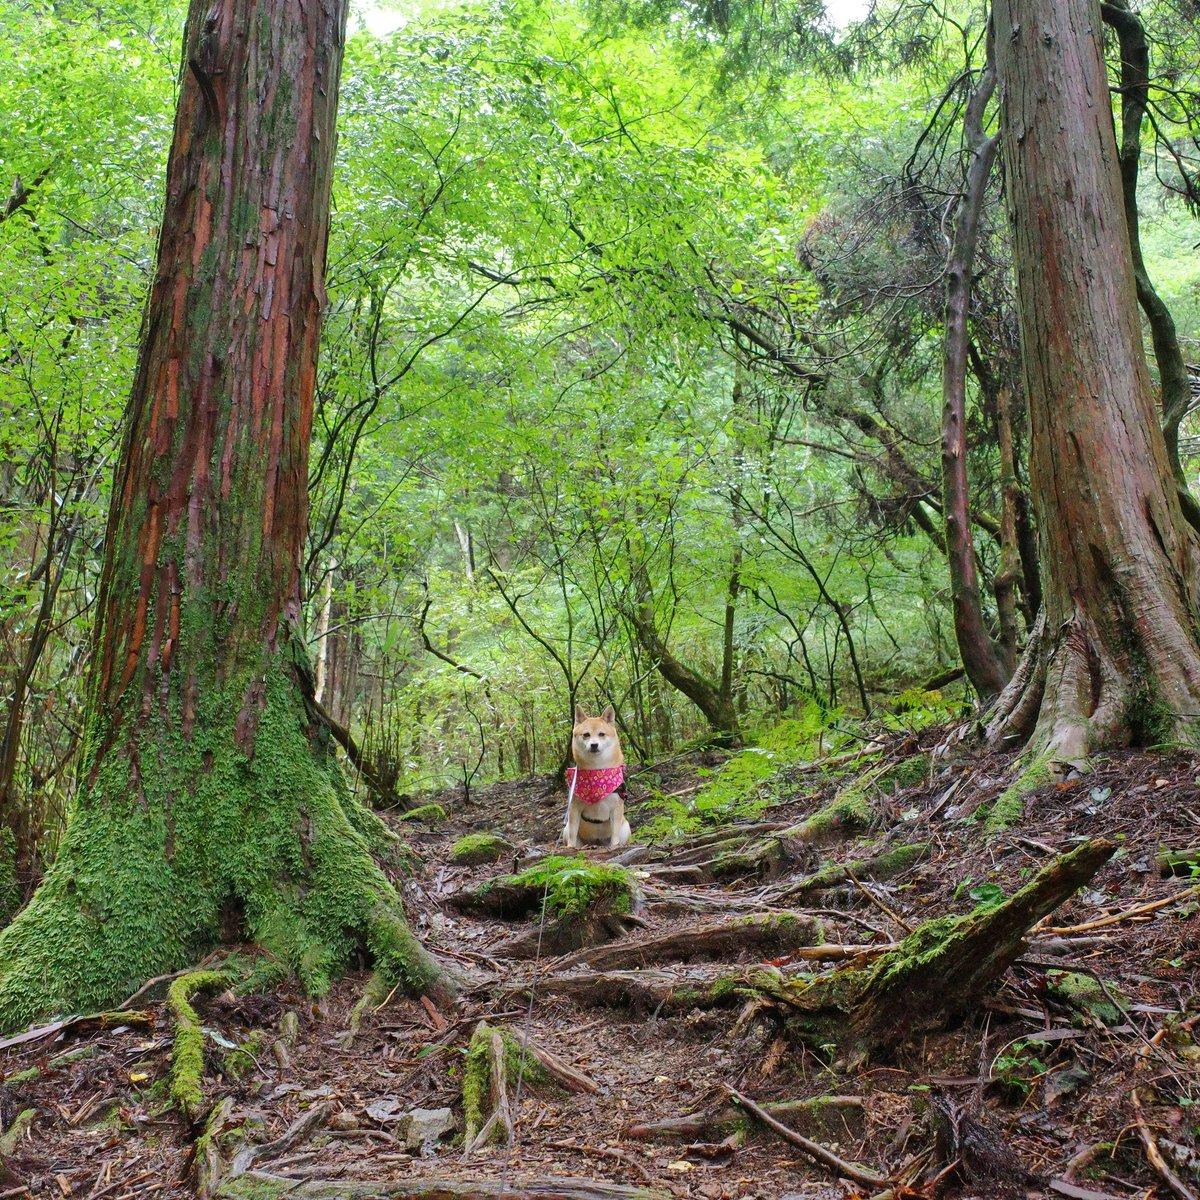 さくらと金剛山 2020年09月27日 シルバーコース  雨あがりの森の中💚 木立や地面がしっとりしたね🌲 色も鮮やかになったね🐕🌸  #柴犬 #金剛山 #山登り https://t.co/LnSIu6Silz https://t.co/jU1OrmaEgv